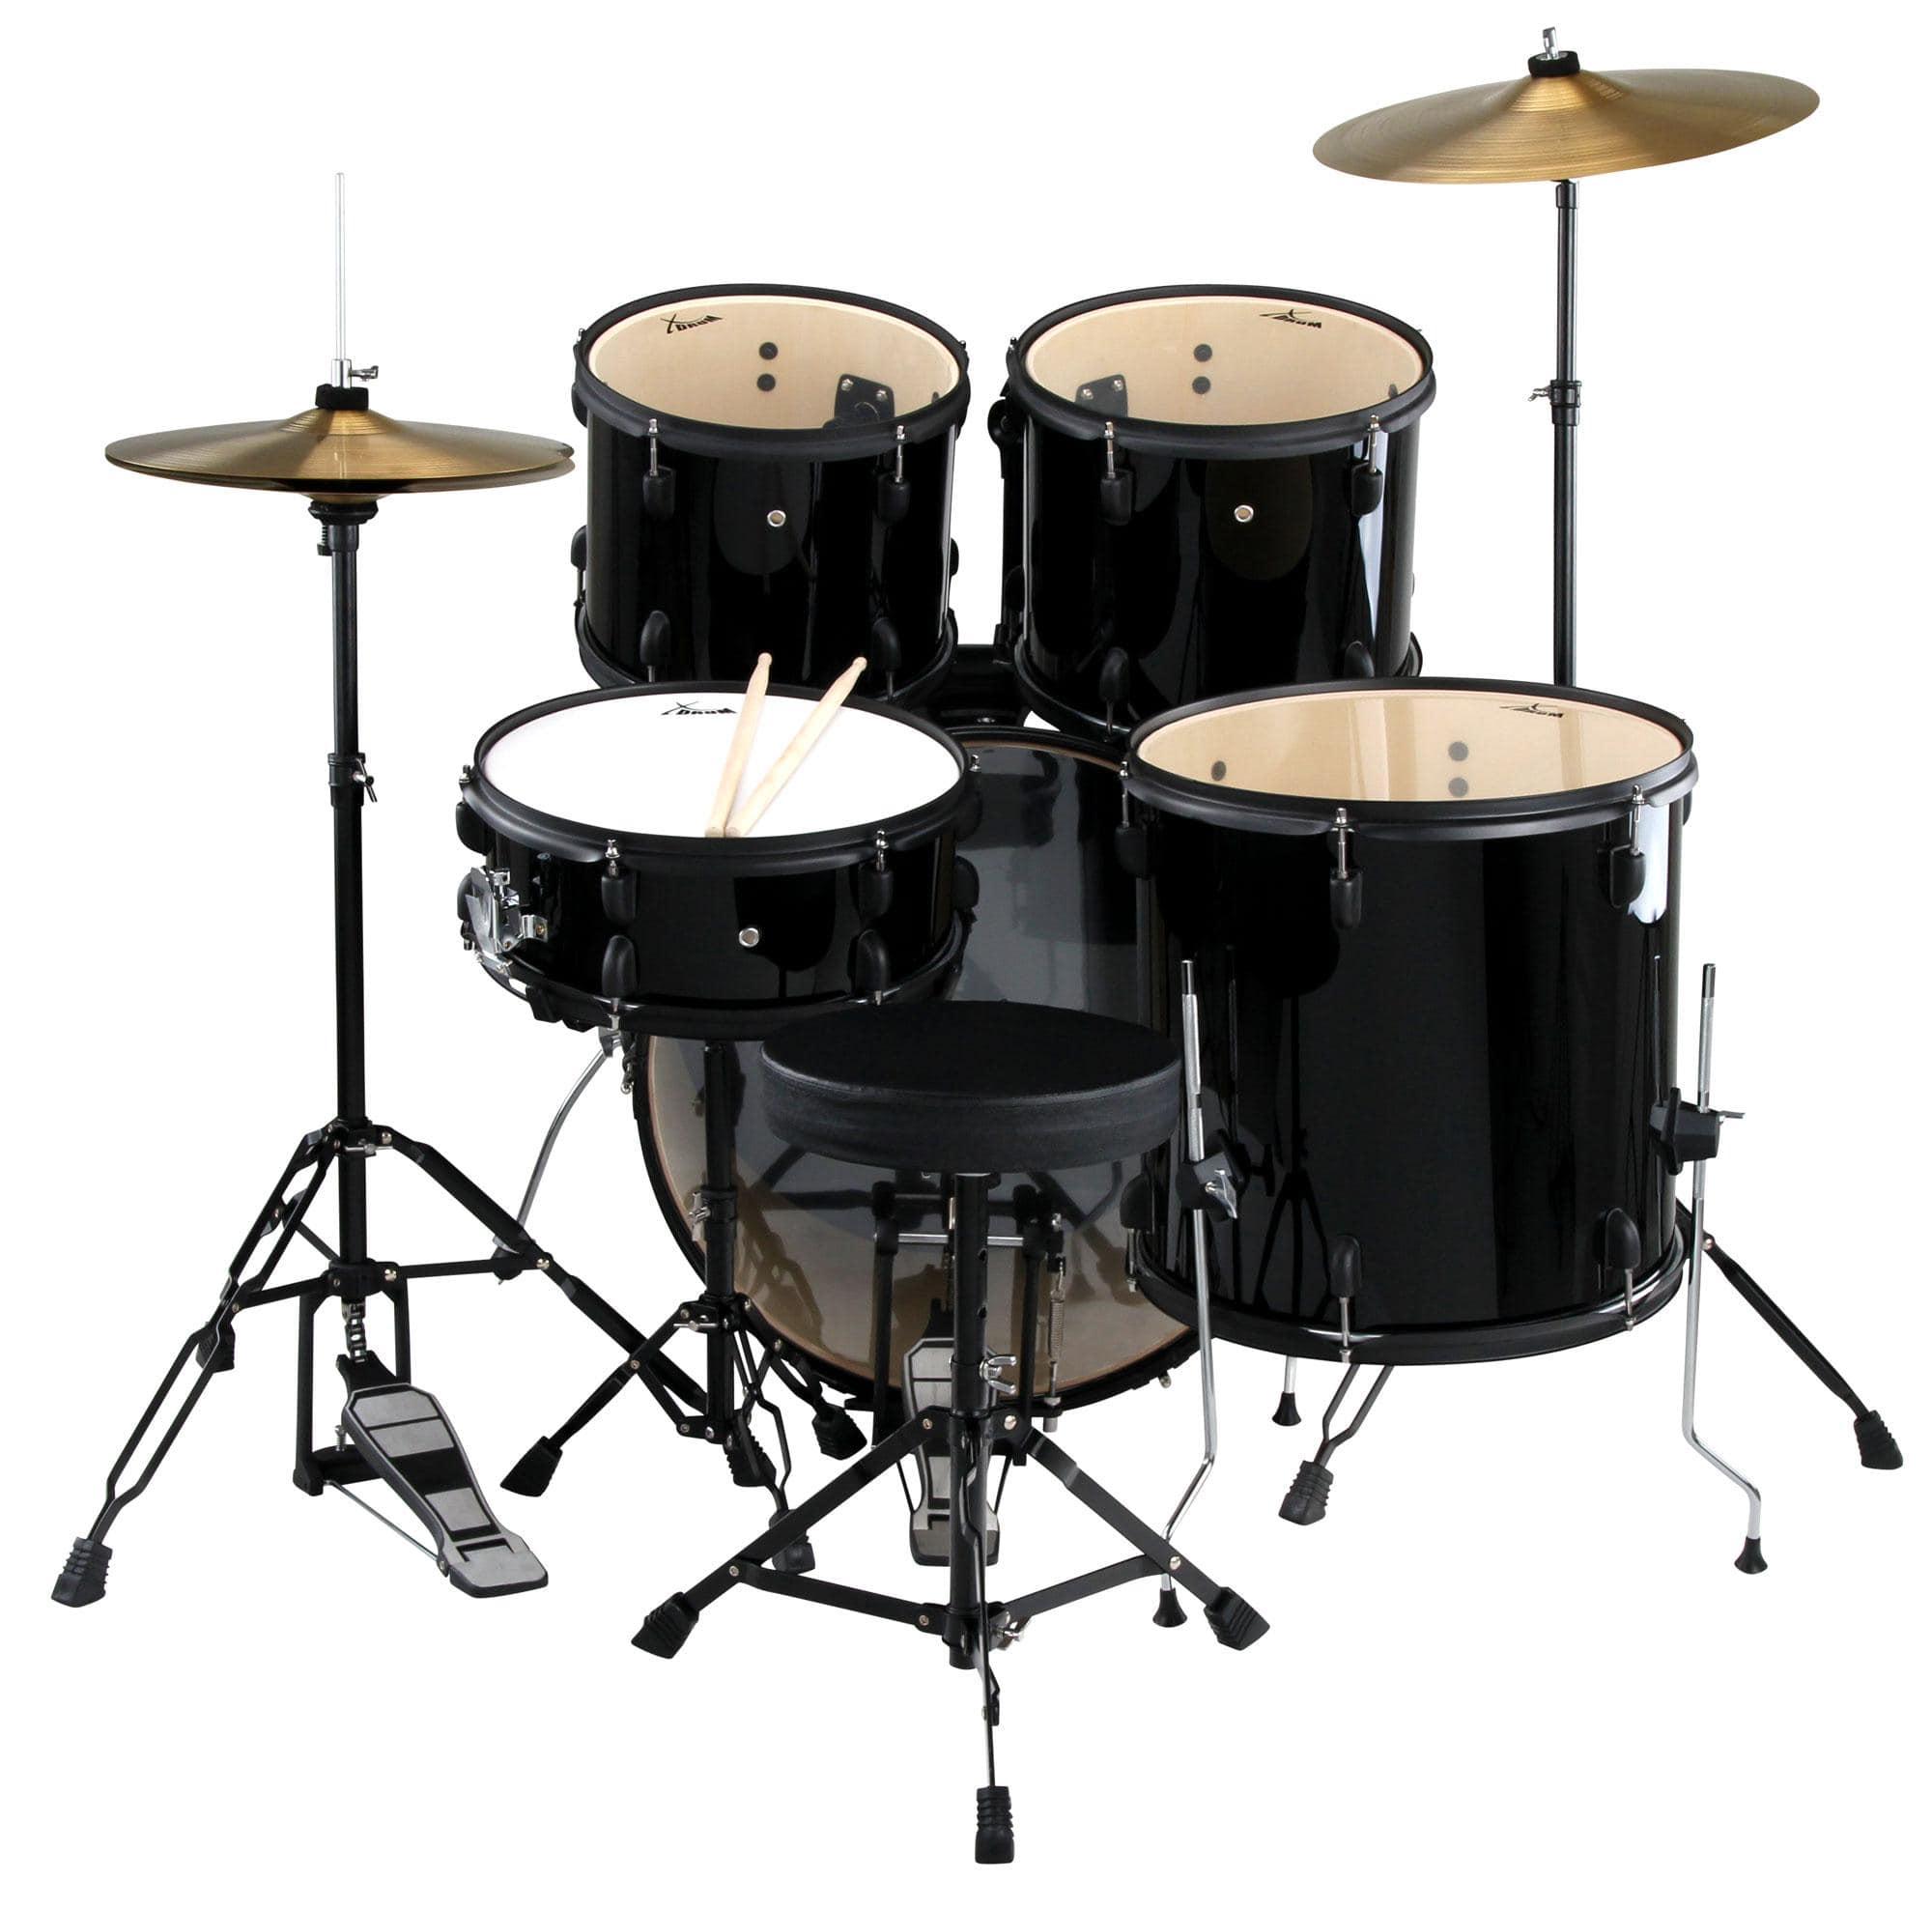 xdrum rookie ii standard drum kit complete set black including damper set. Black Bedroom Furniture Sets. Home Design Ideas